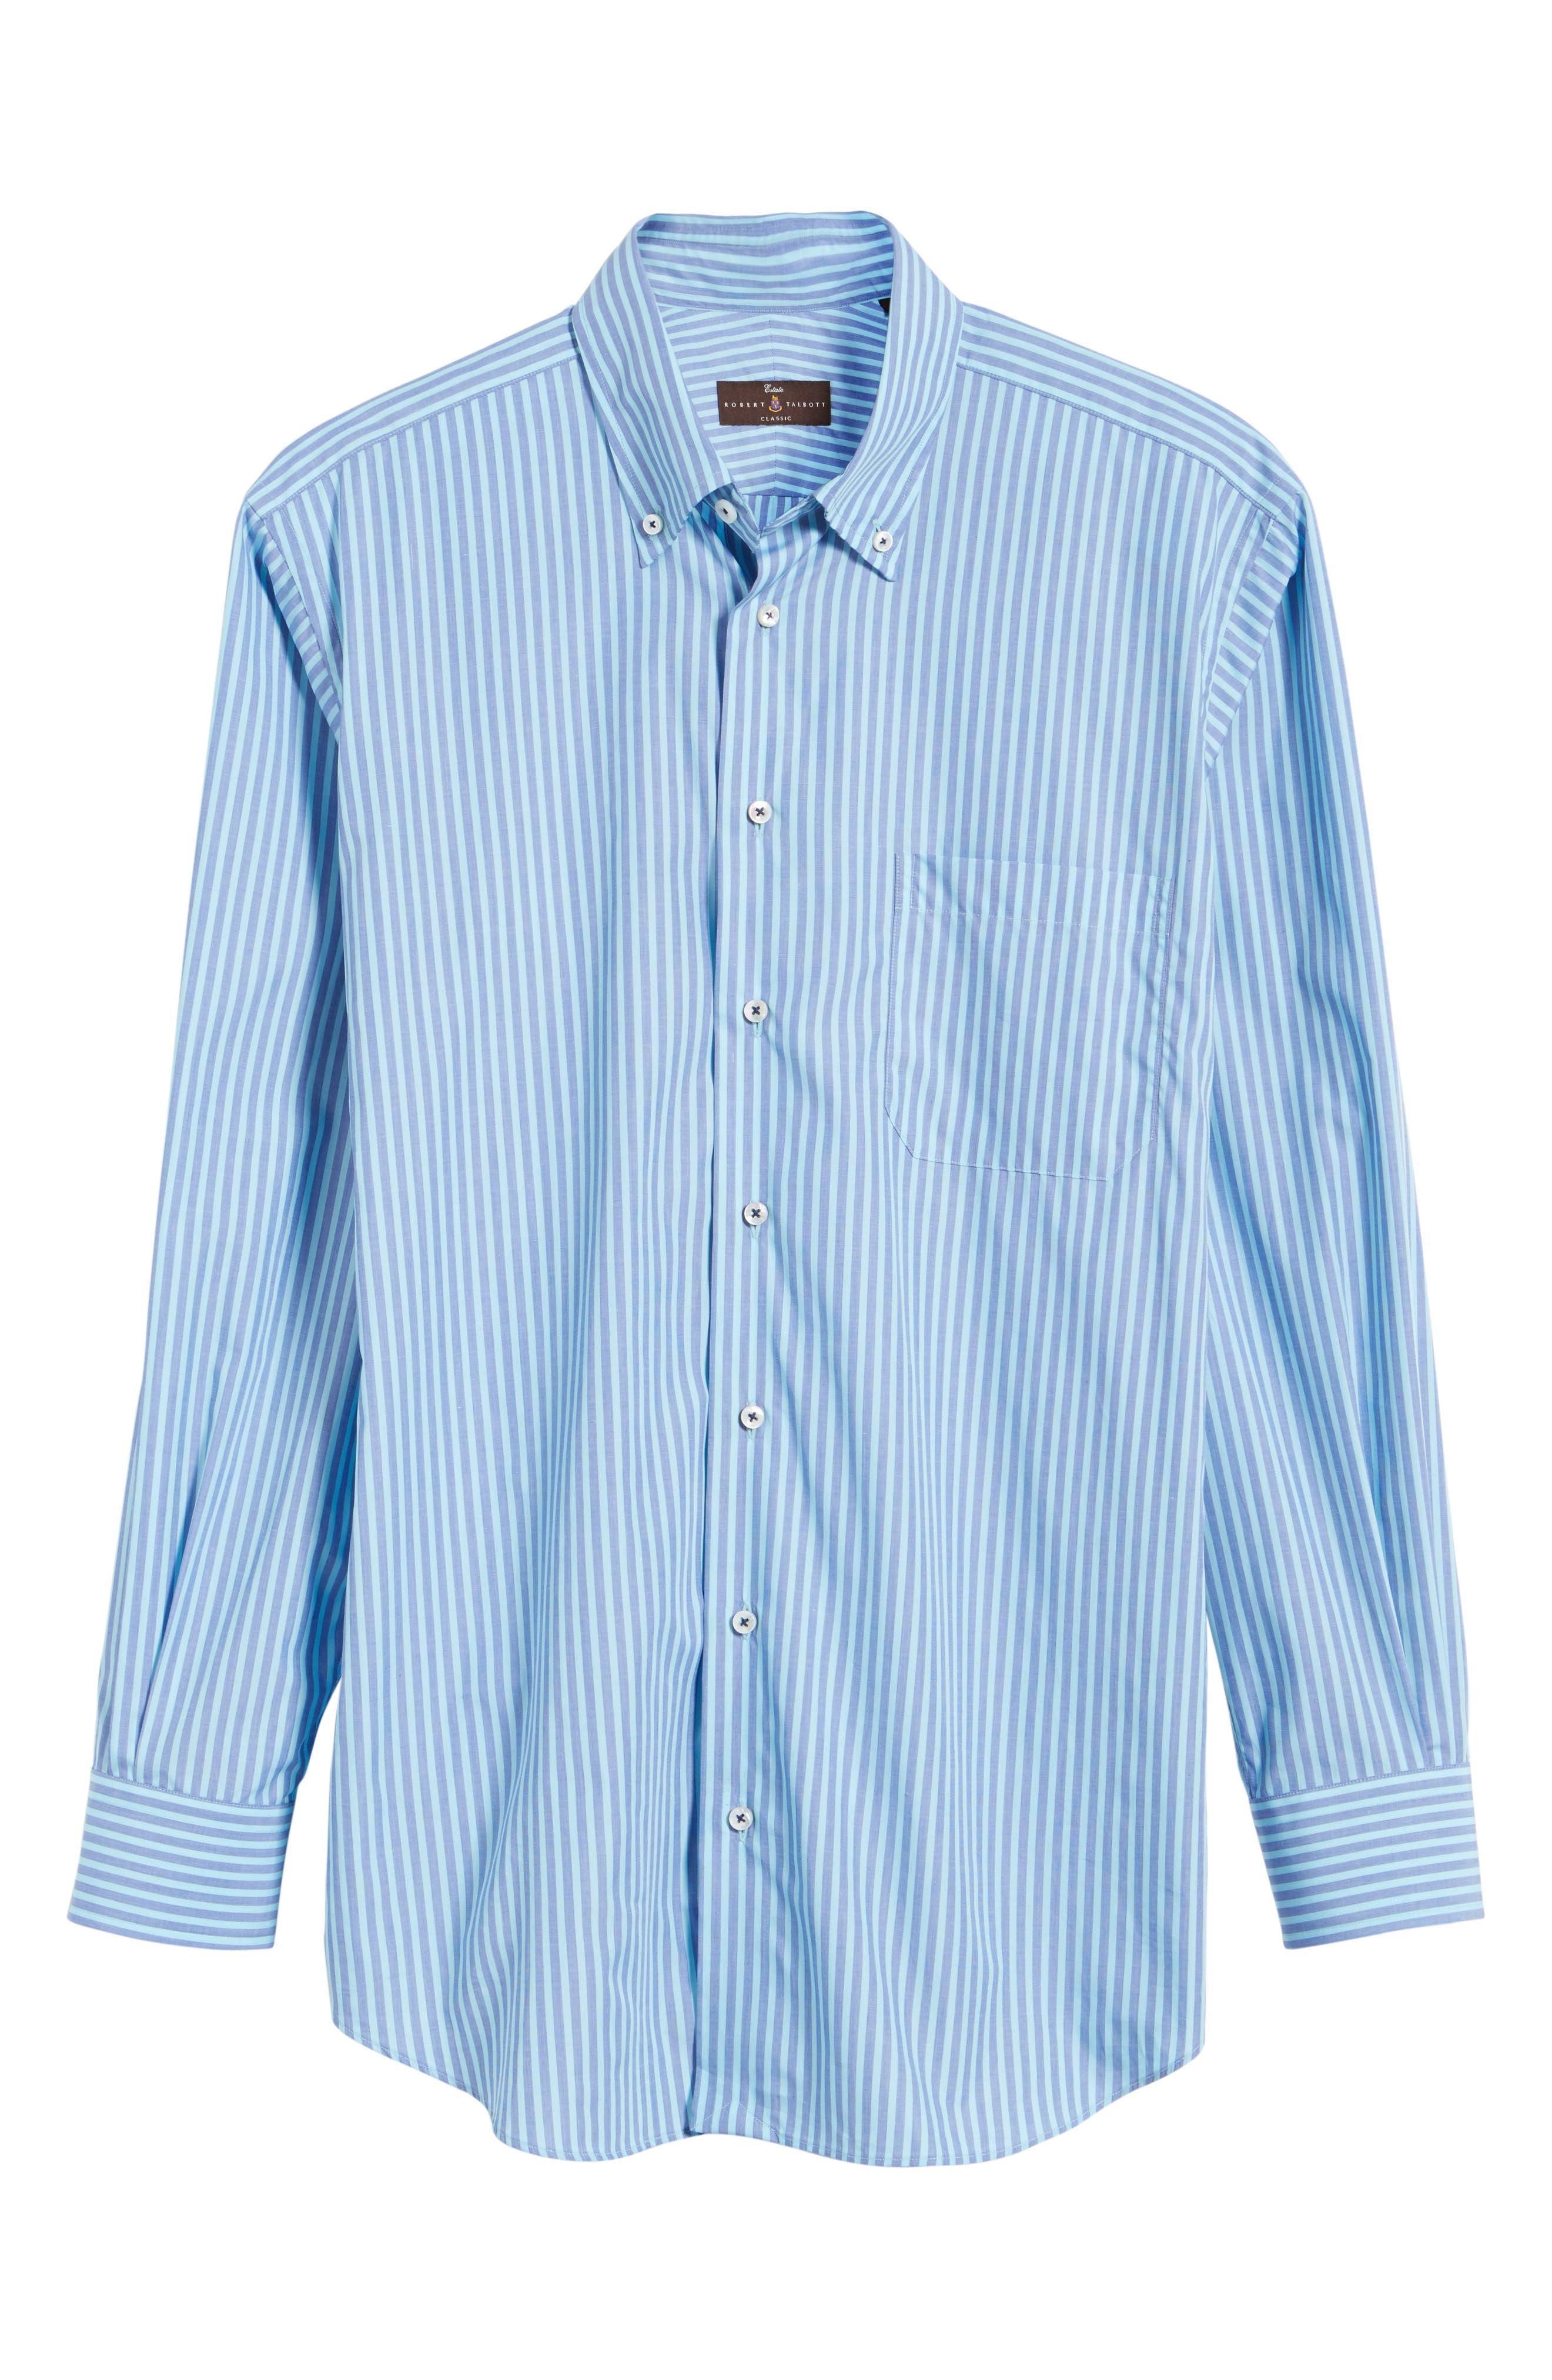 Estate Classic Fit Sport Shirt,                             Alternate thumbnail 6, color,                             401